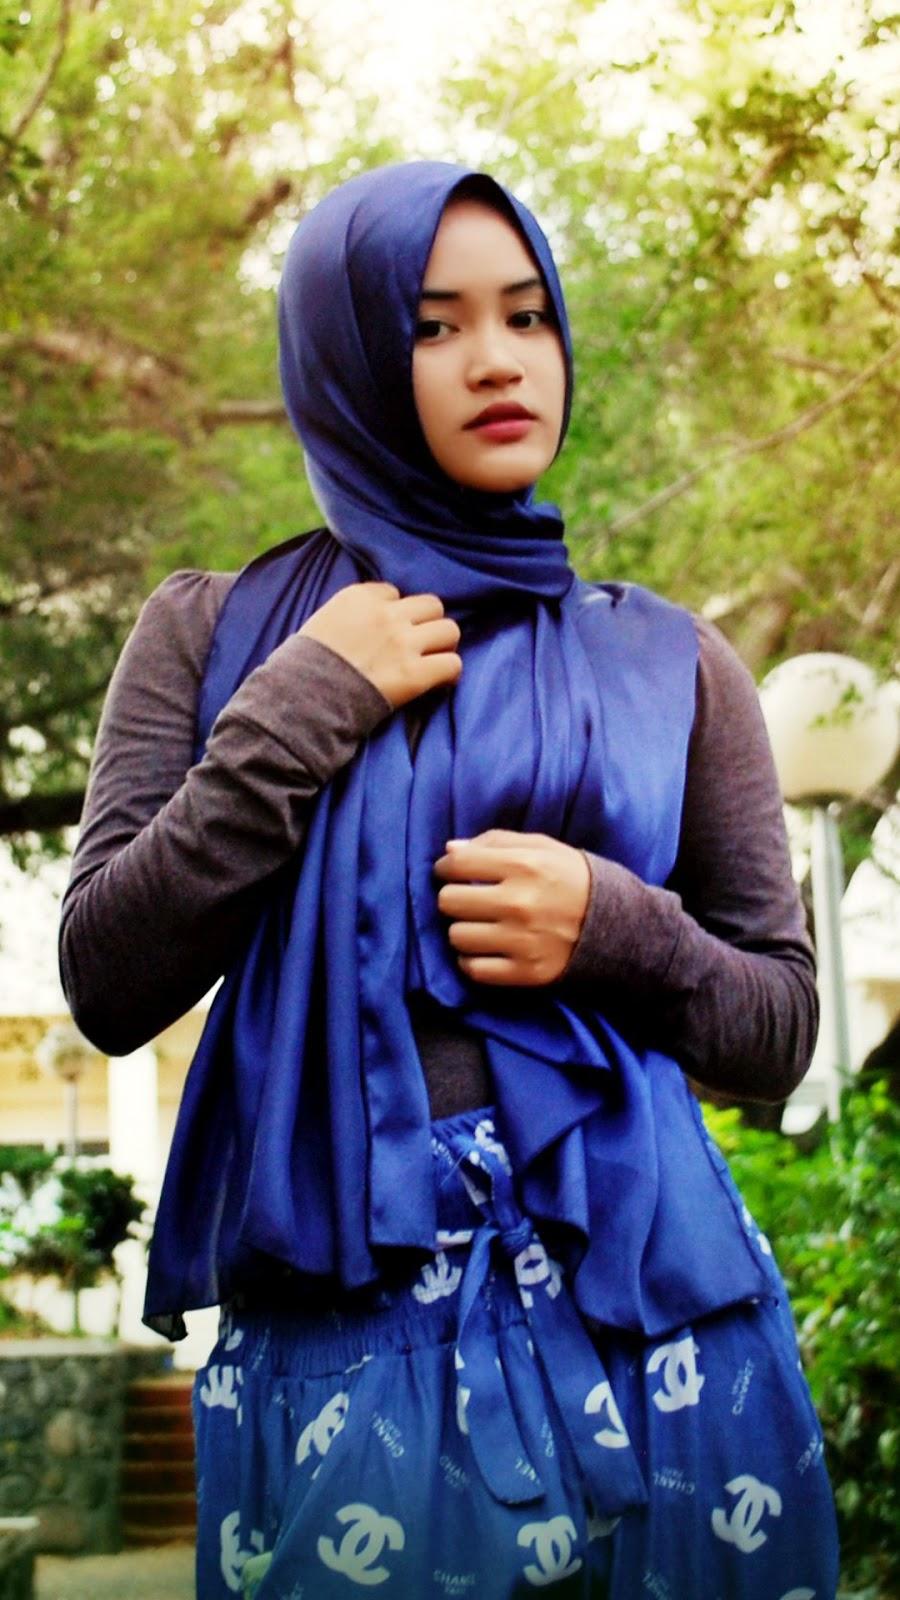 wallpaper muslimah cantik hijab cewek manis cewek gendut dan seksi